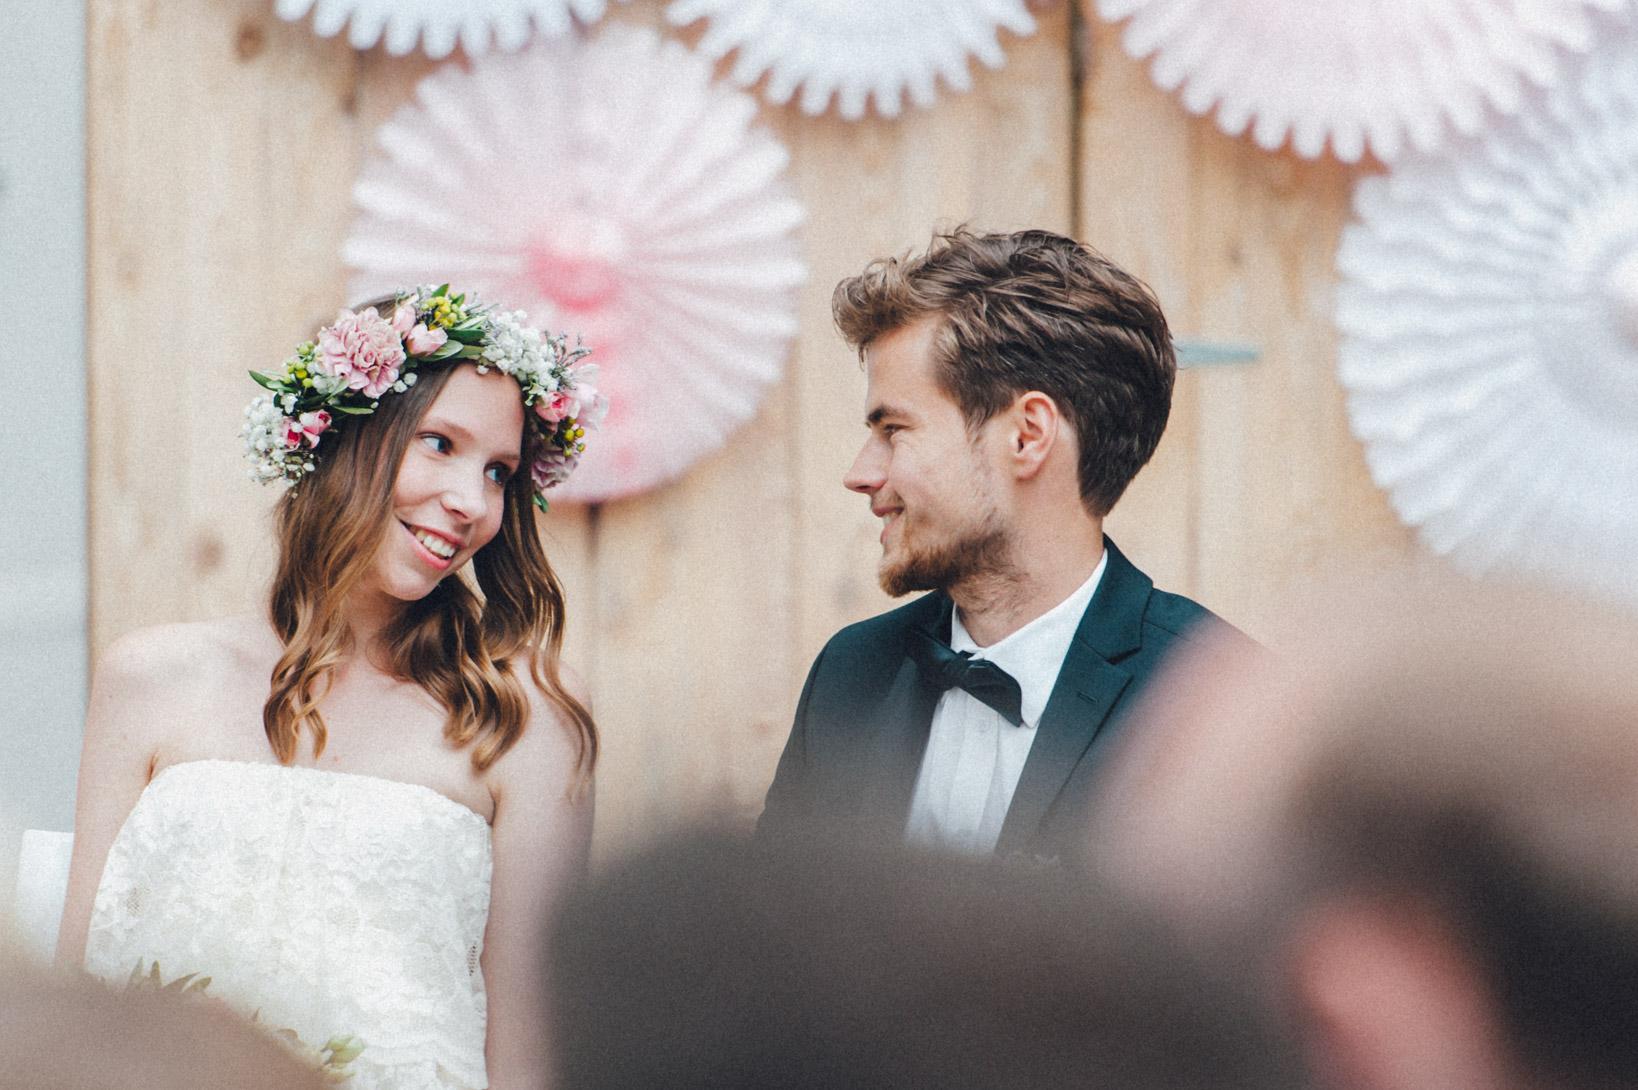 DIY-Hochzeit-gold-VW-Bully-64 Janet & Pierre DIY Midsummer-Wedding in Gold mit VW BulliDIY Hochzeit gold VW Bully 64